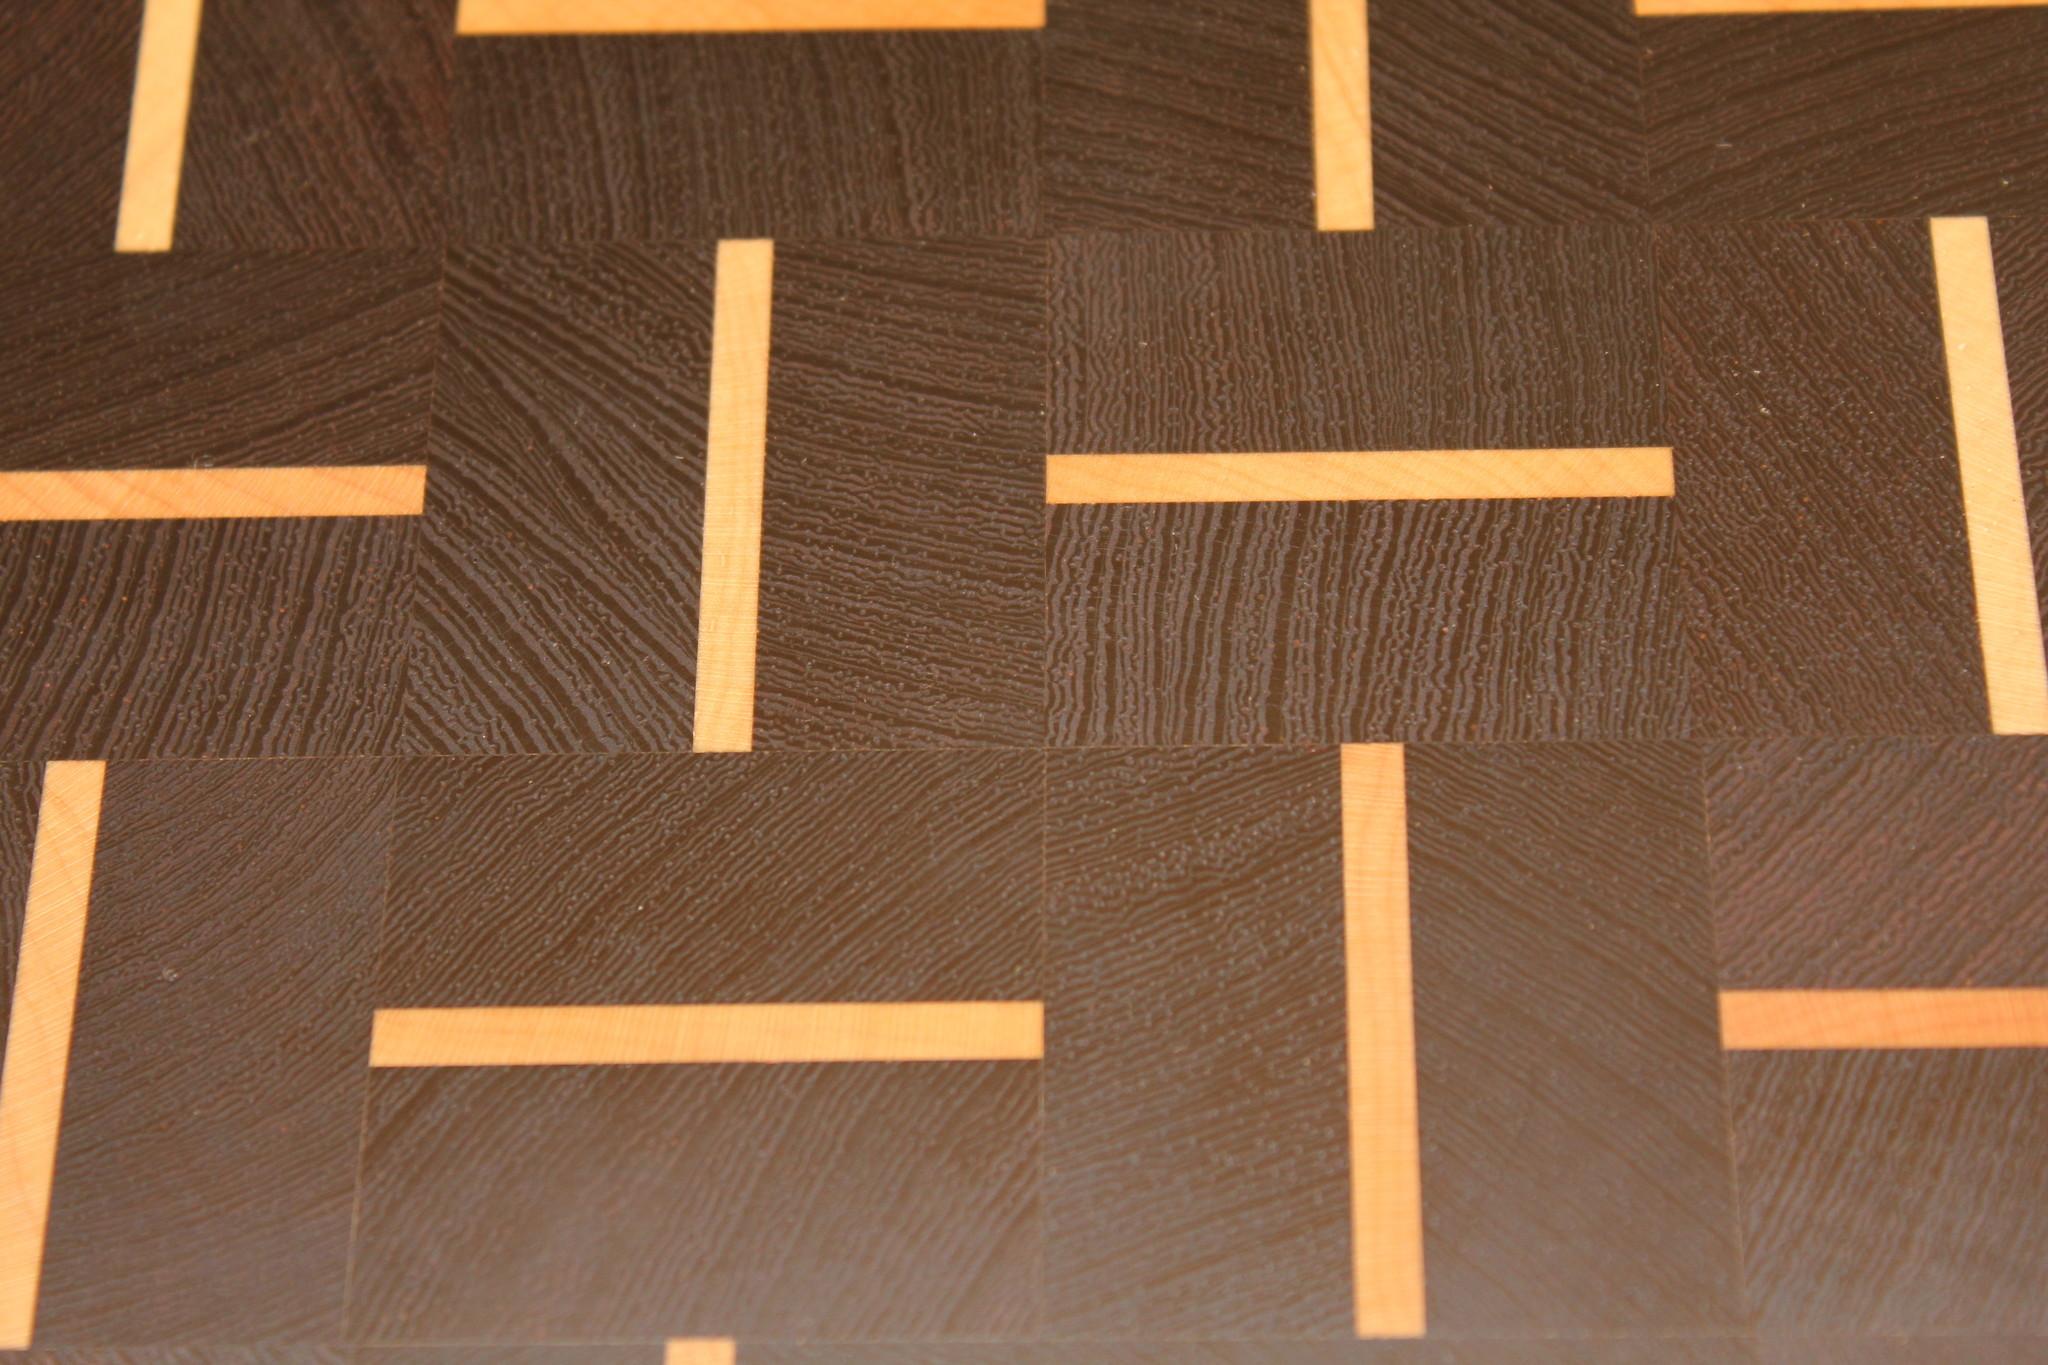 Kopshouten snijplank van zwart wengé walnoot met streepjes esdoorn in een alternerend patroon